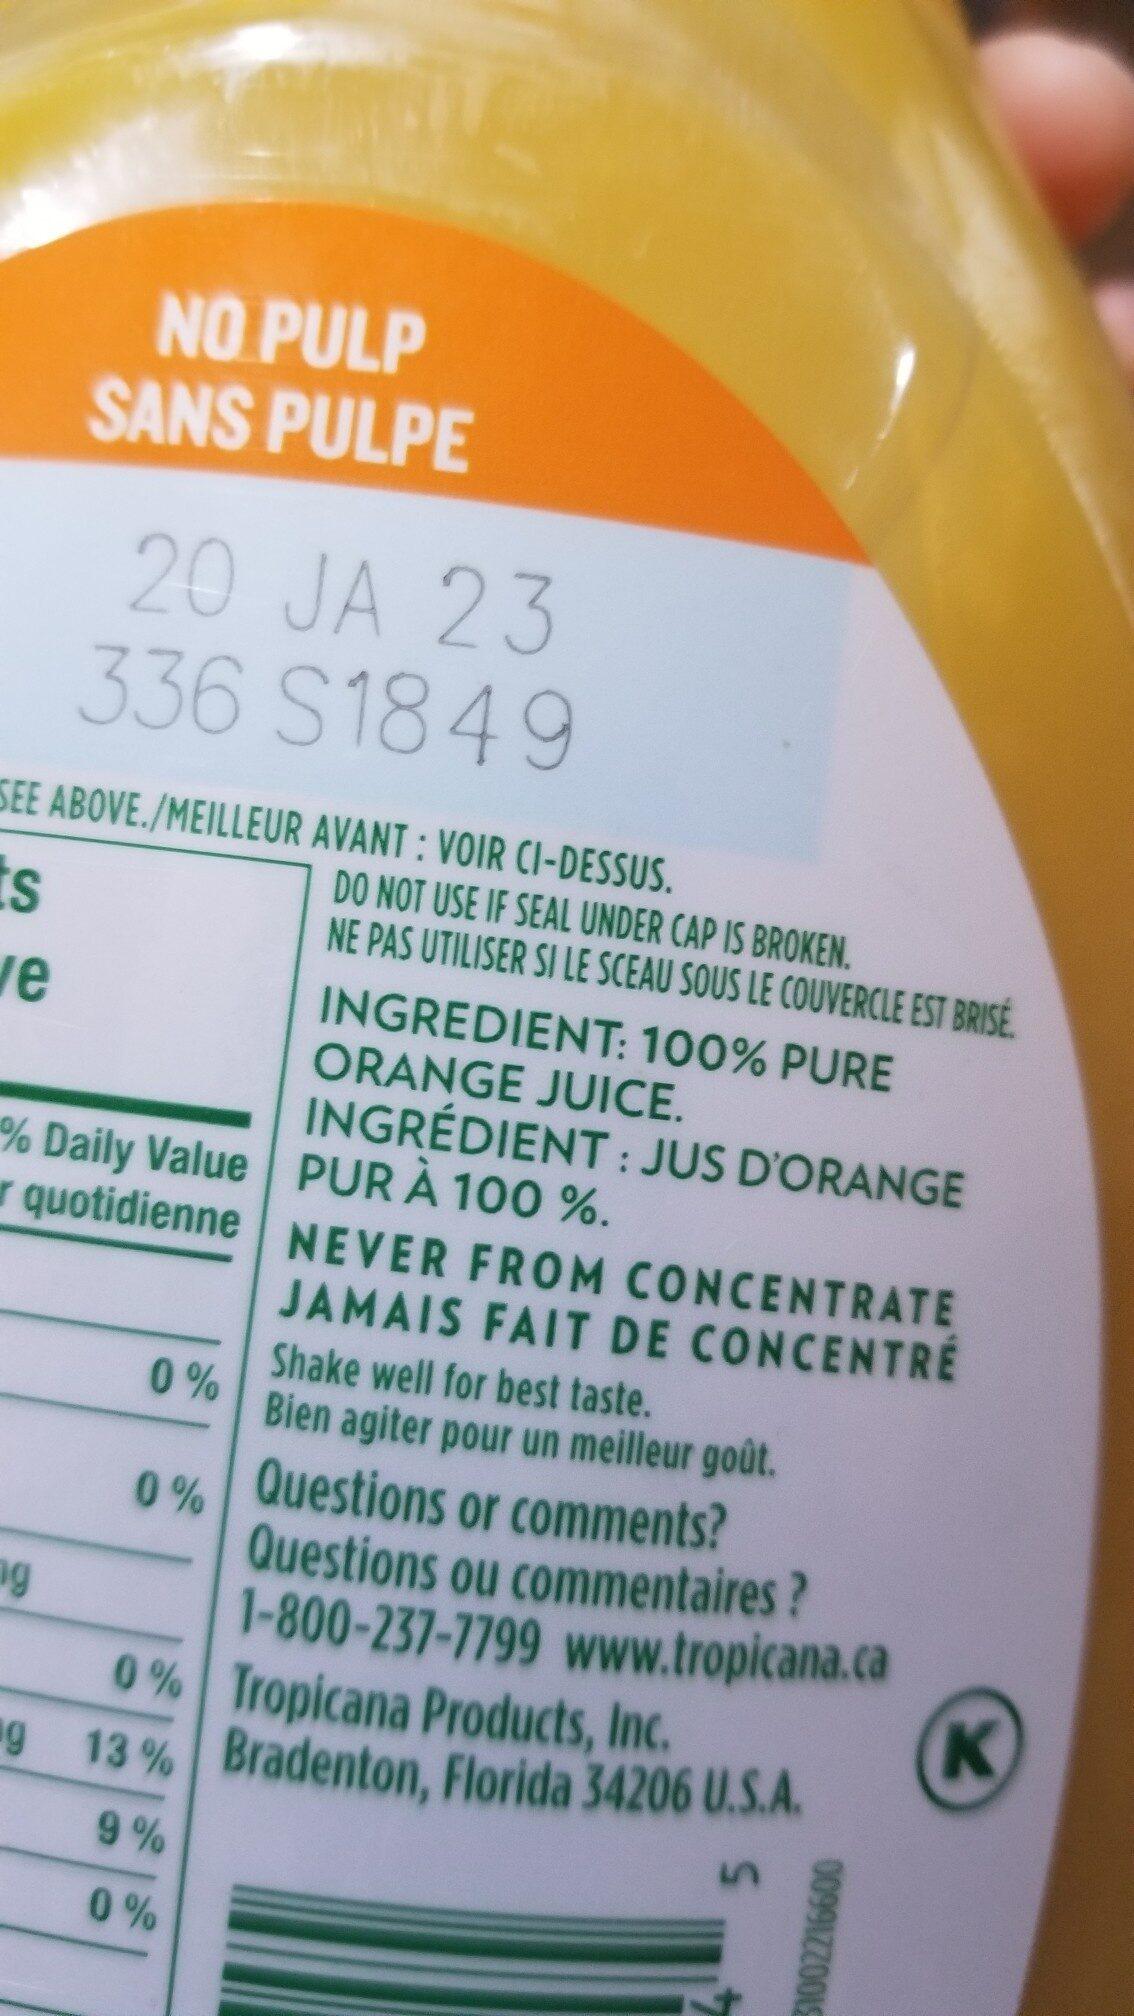 Tropicana jus d'orange pur et naturel à 100% - Ingredients - en